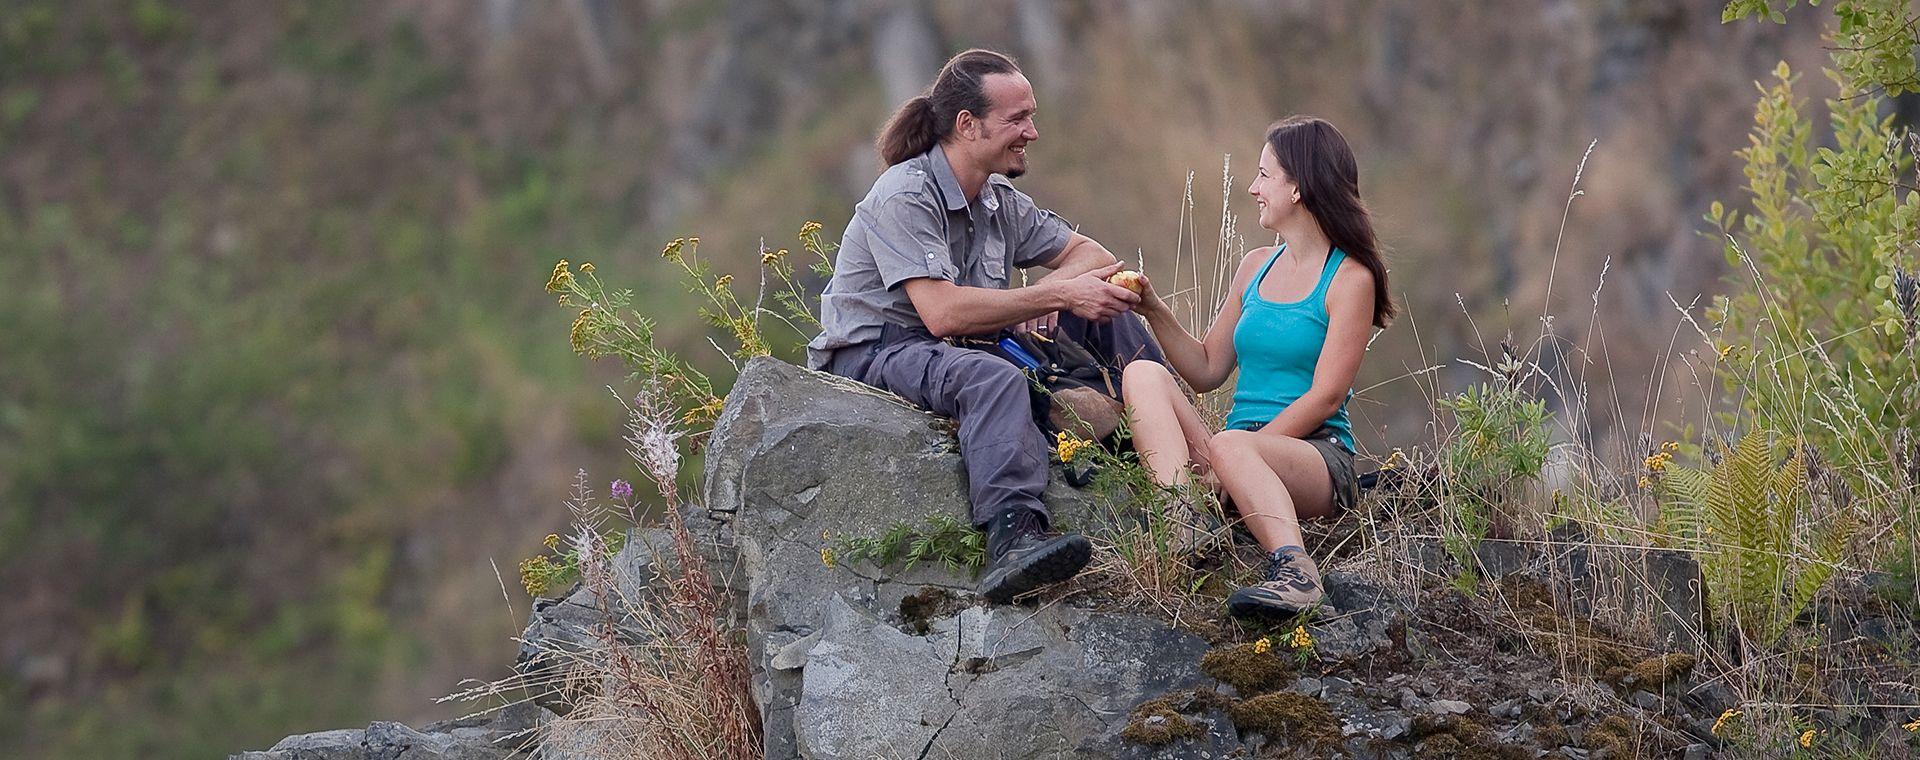 Zwei Wanderer rasten auf einem Felsen